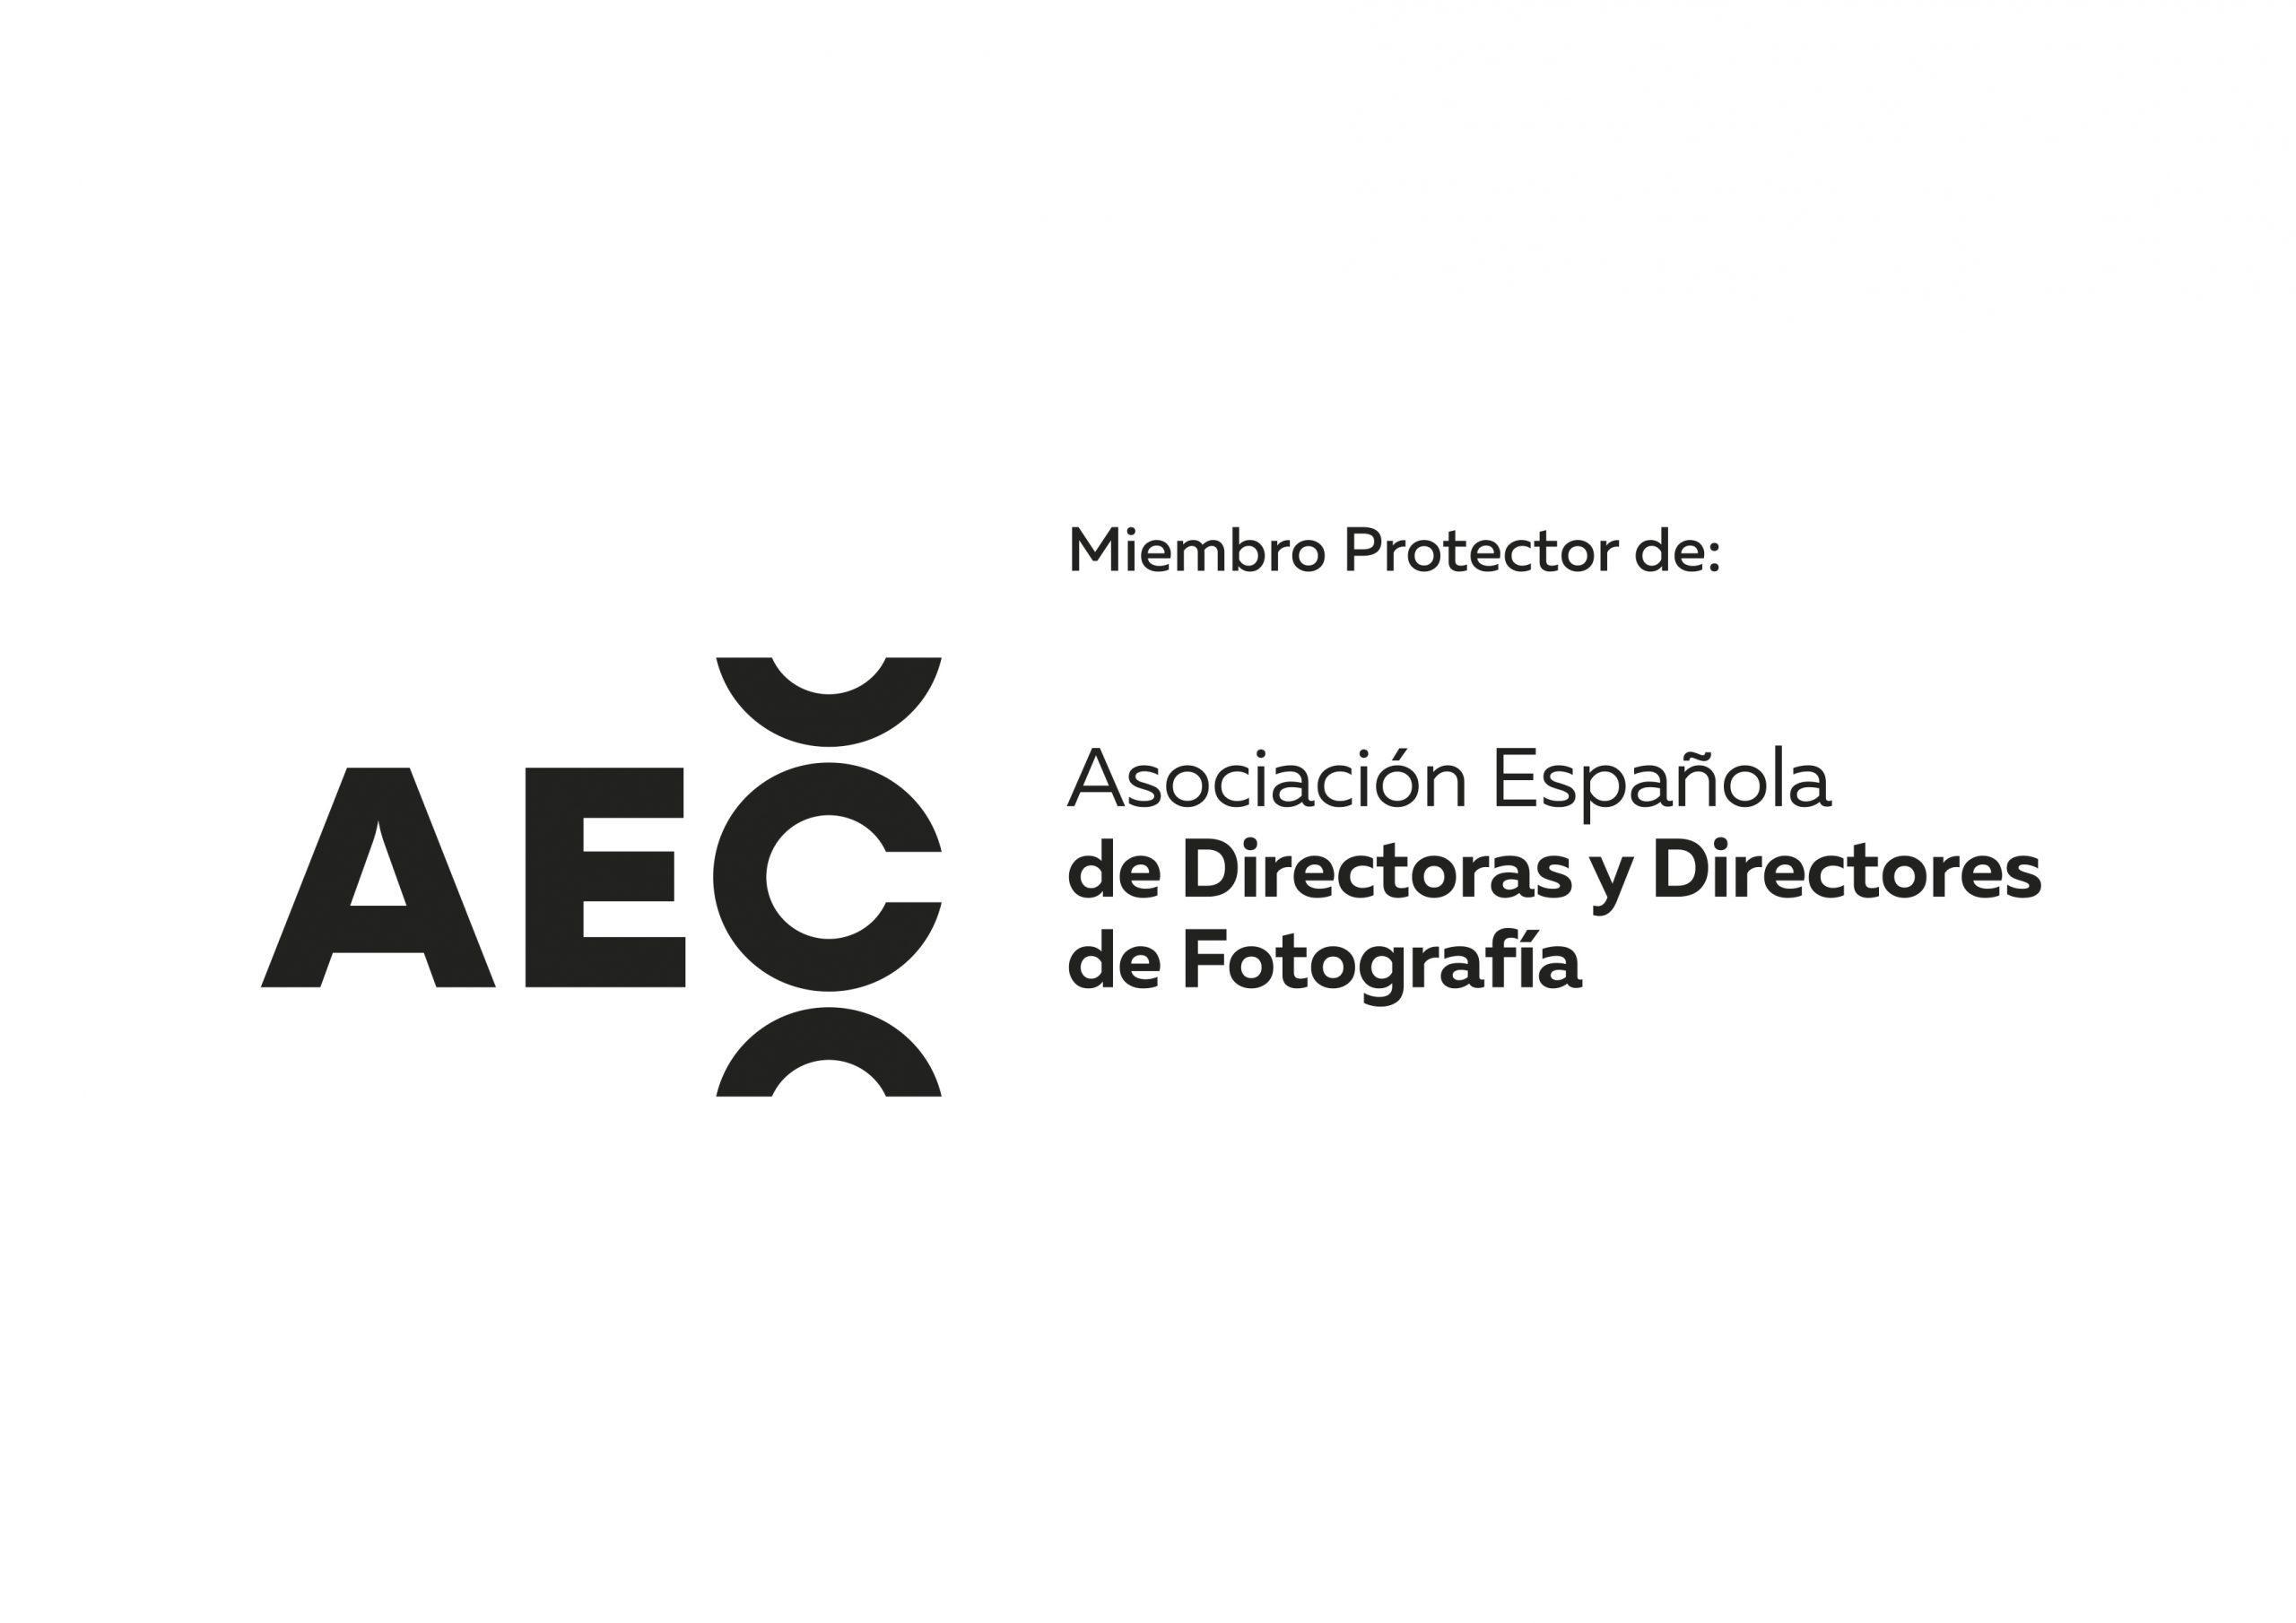 Miembro Protector de AEC - Asociación Española de Directoras y Directores de Fotografía